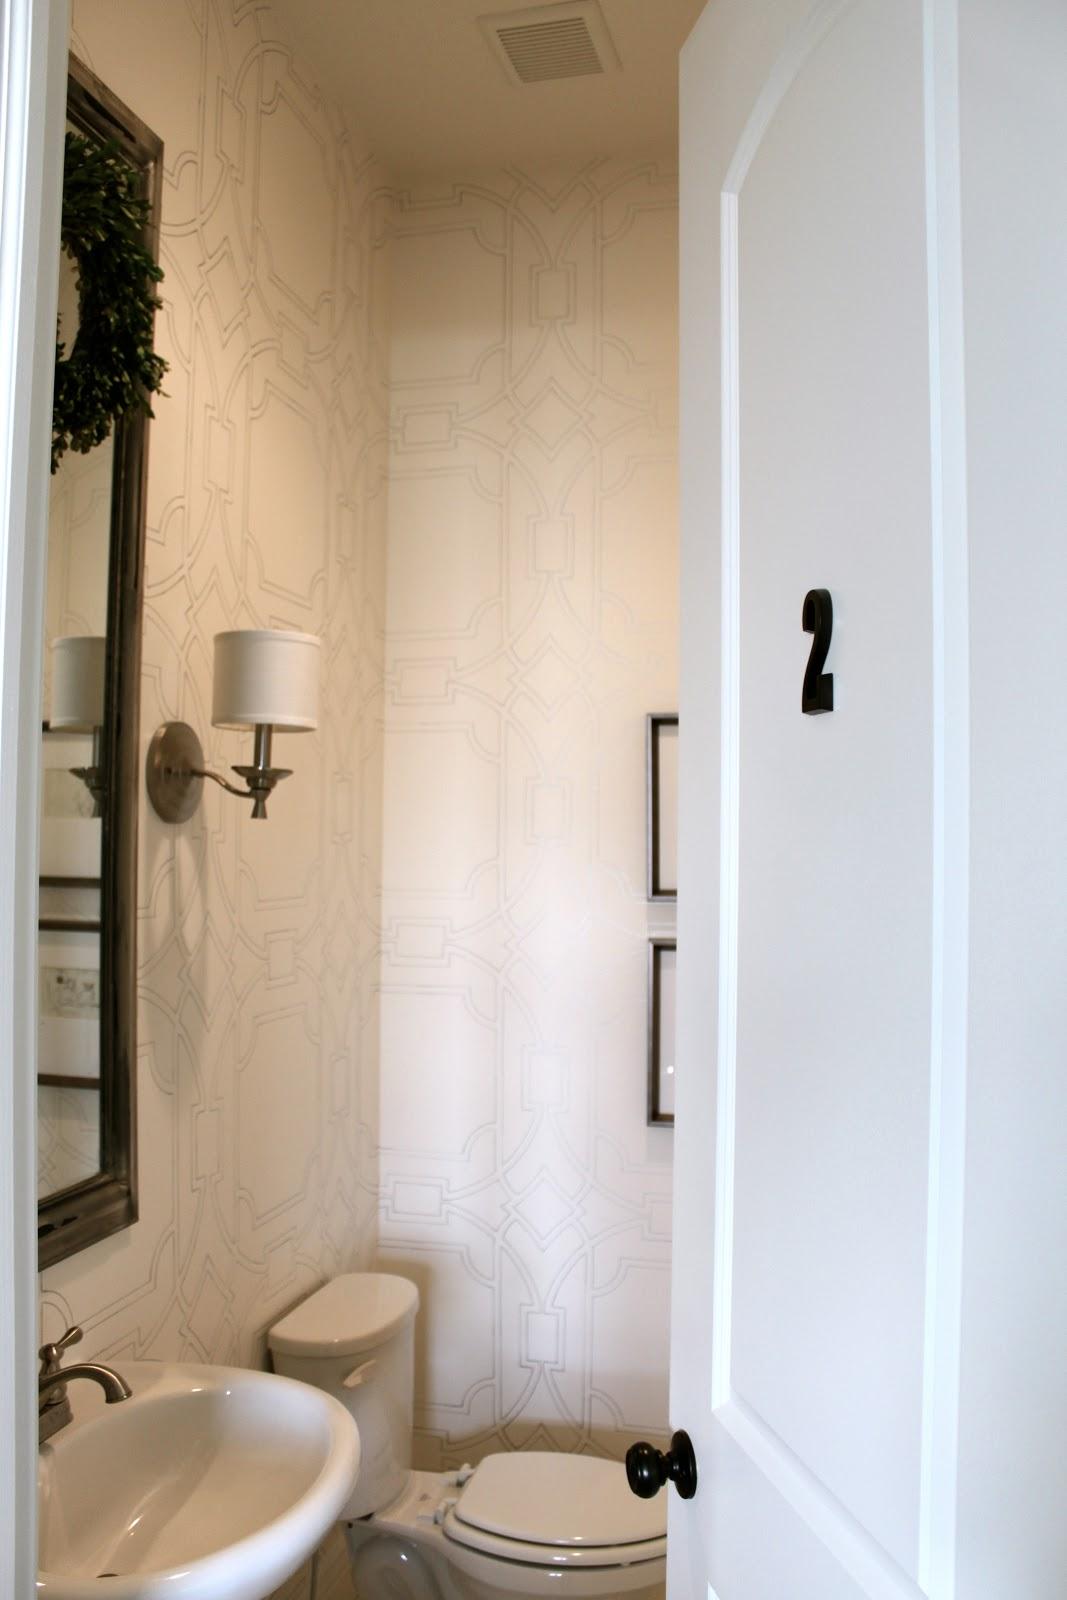 amy s casablanca what s behind door 2 what s behind door 2